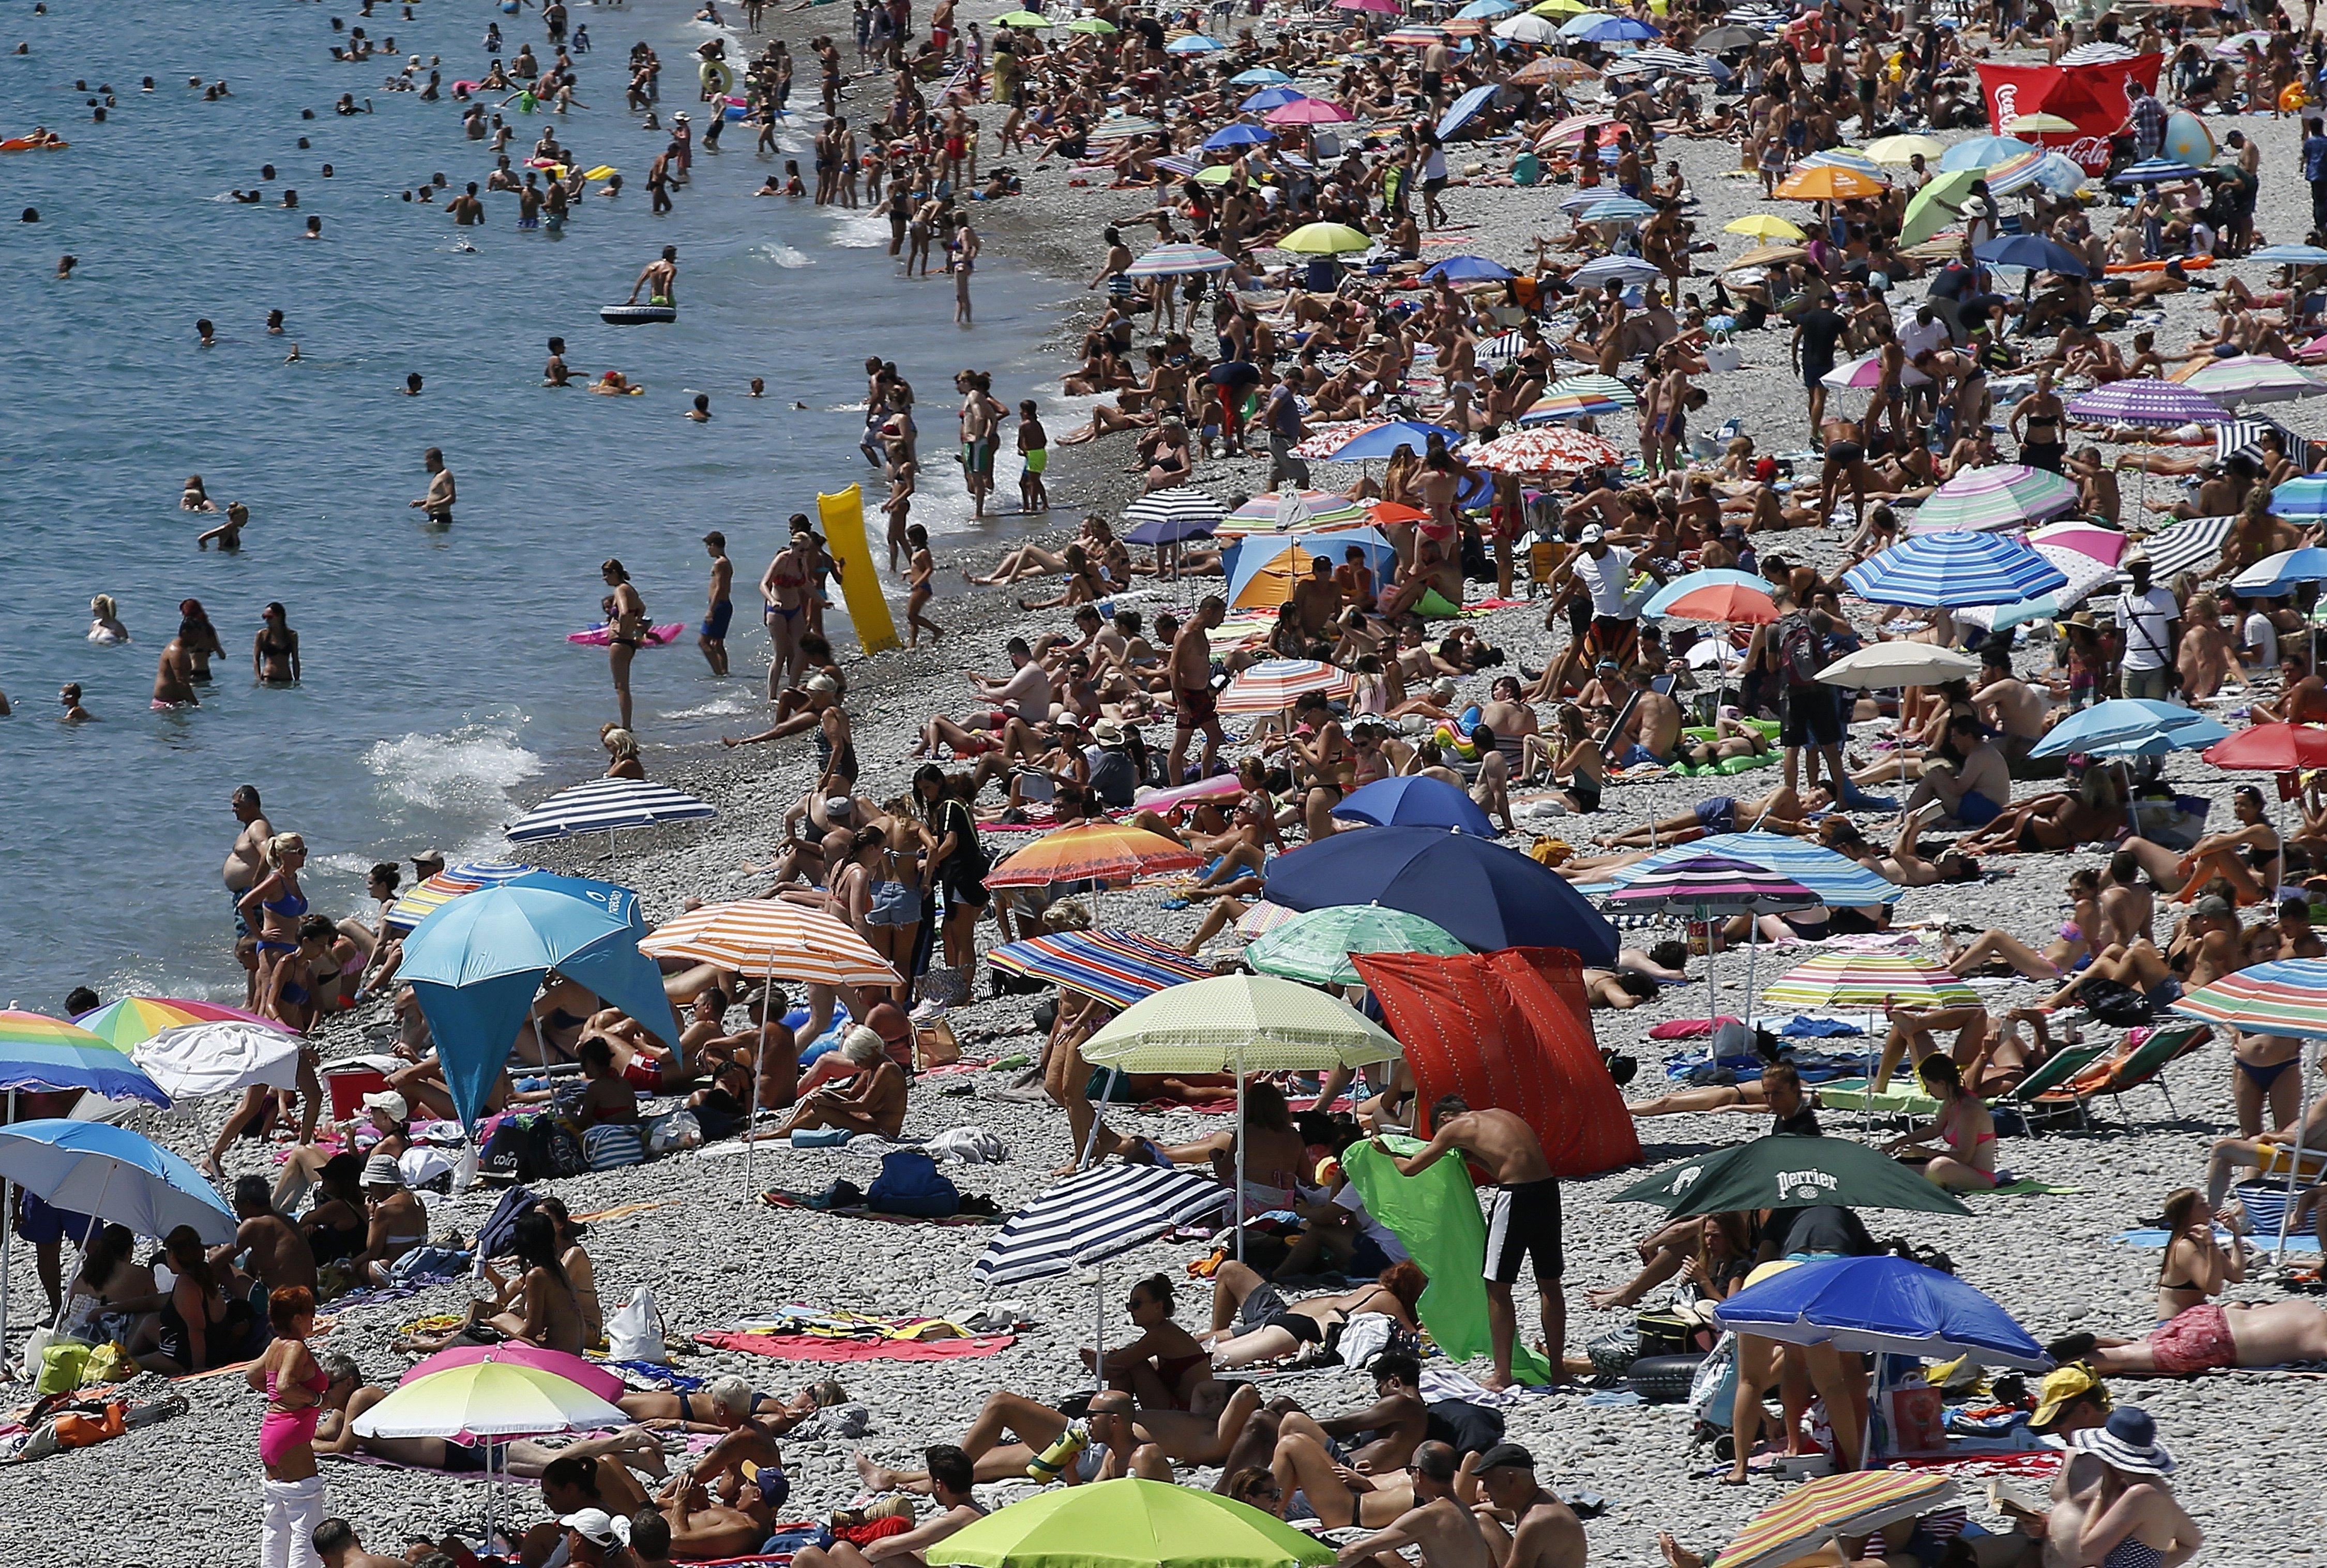 """Diverses persones gaudeixen de la platja en la """"Promenade des Anglais"""" a Niça, sud de França, avui, 15 d'agost de 2017. Les temperatures han aconseguit avui els 39 graus centígrads. /Sebastien Nogier"""